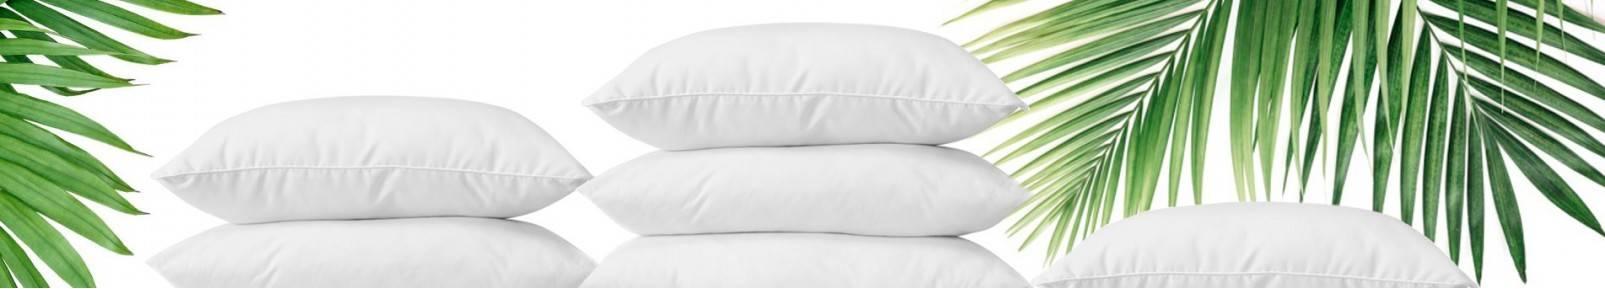 Almohadas de fibra [Fabricantes]